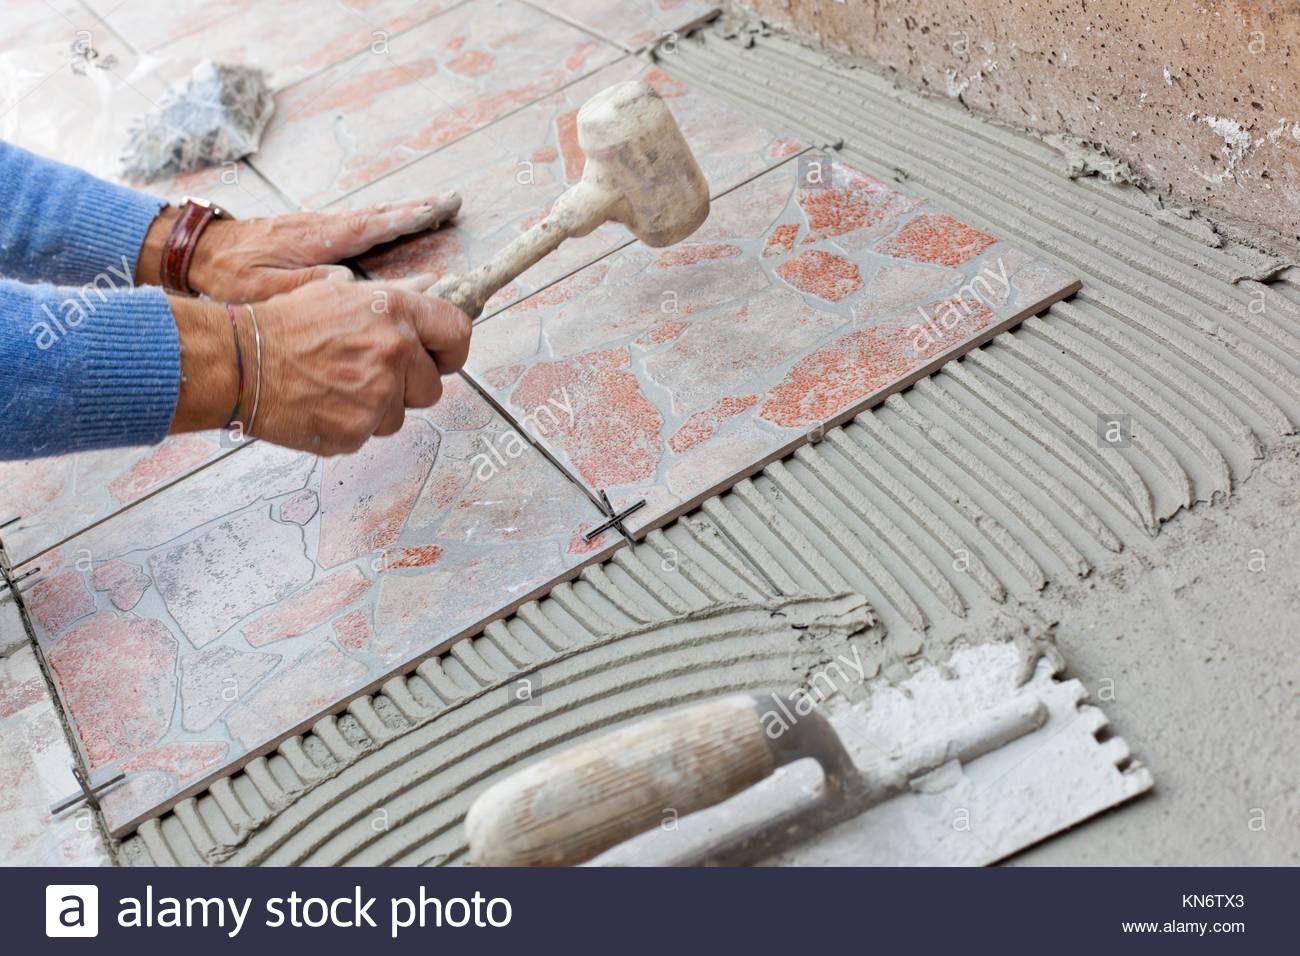 Installatore per lavorare con pavimento di piastrelle per giardino